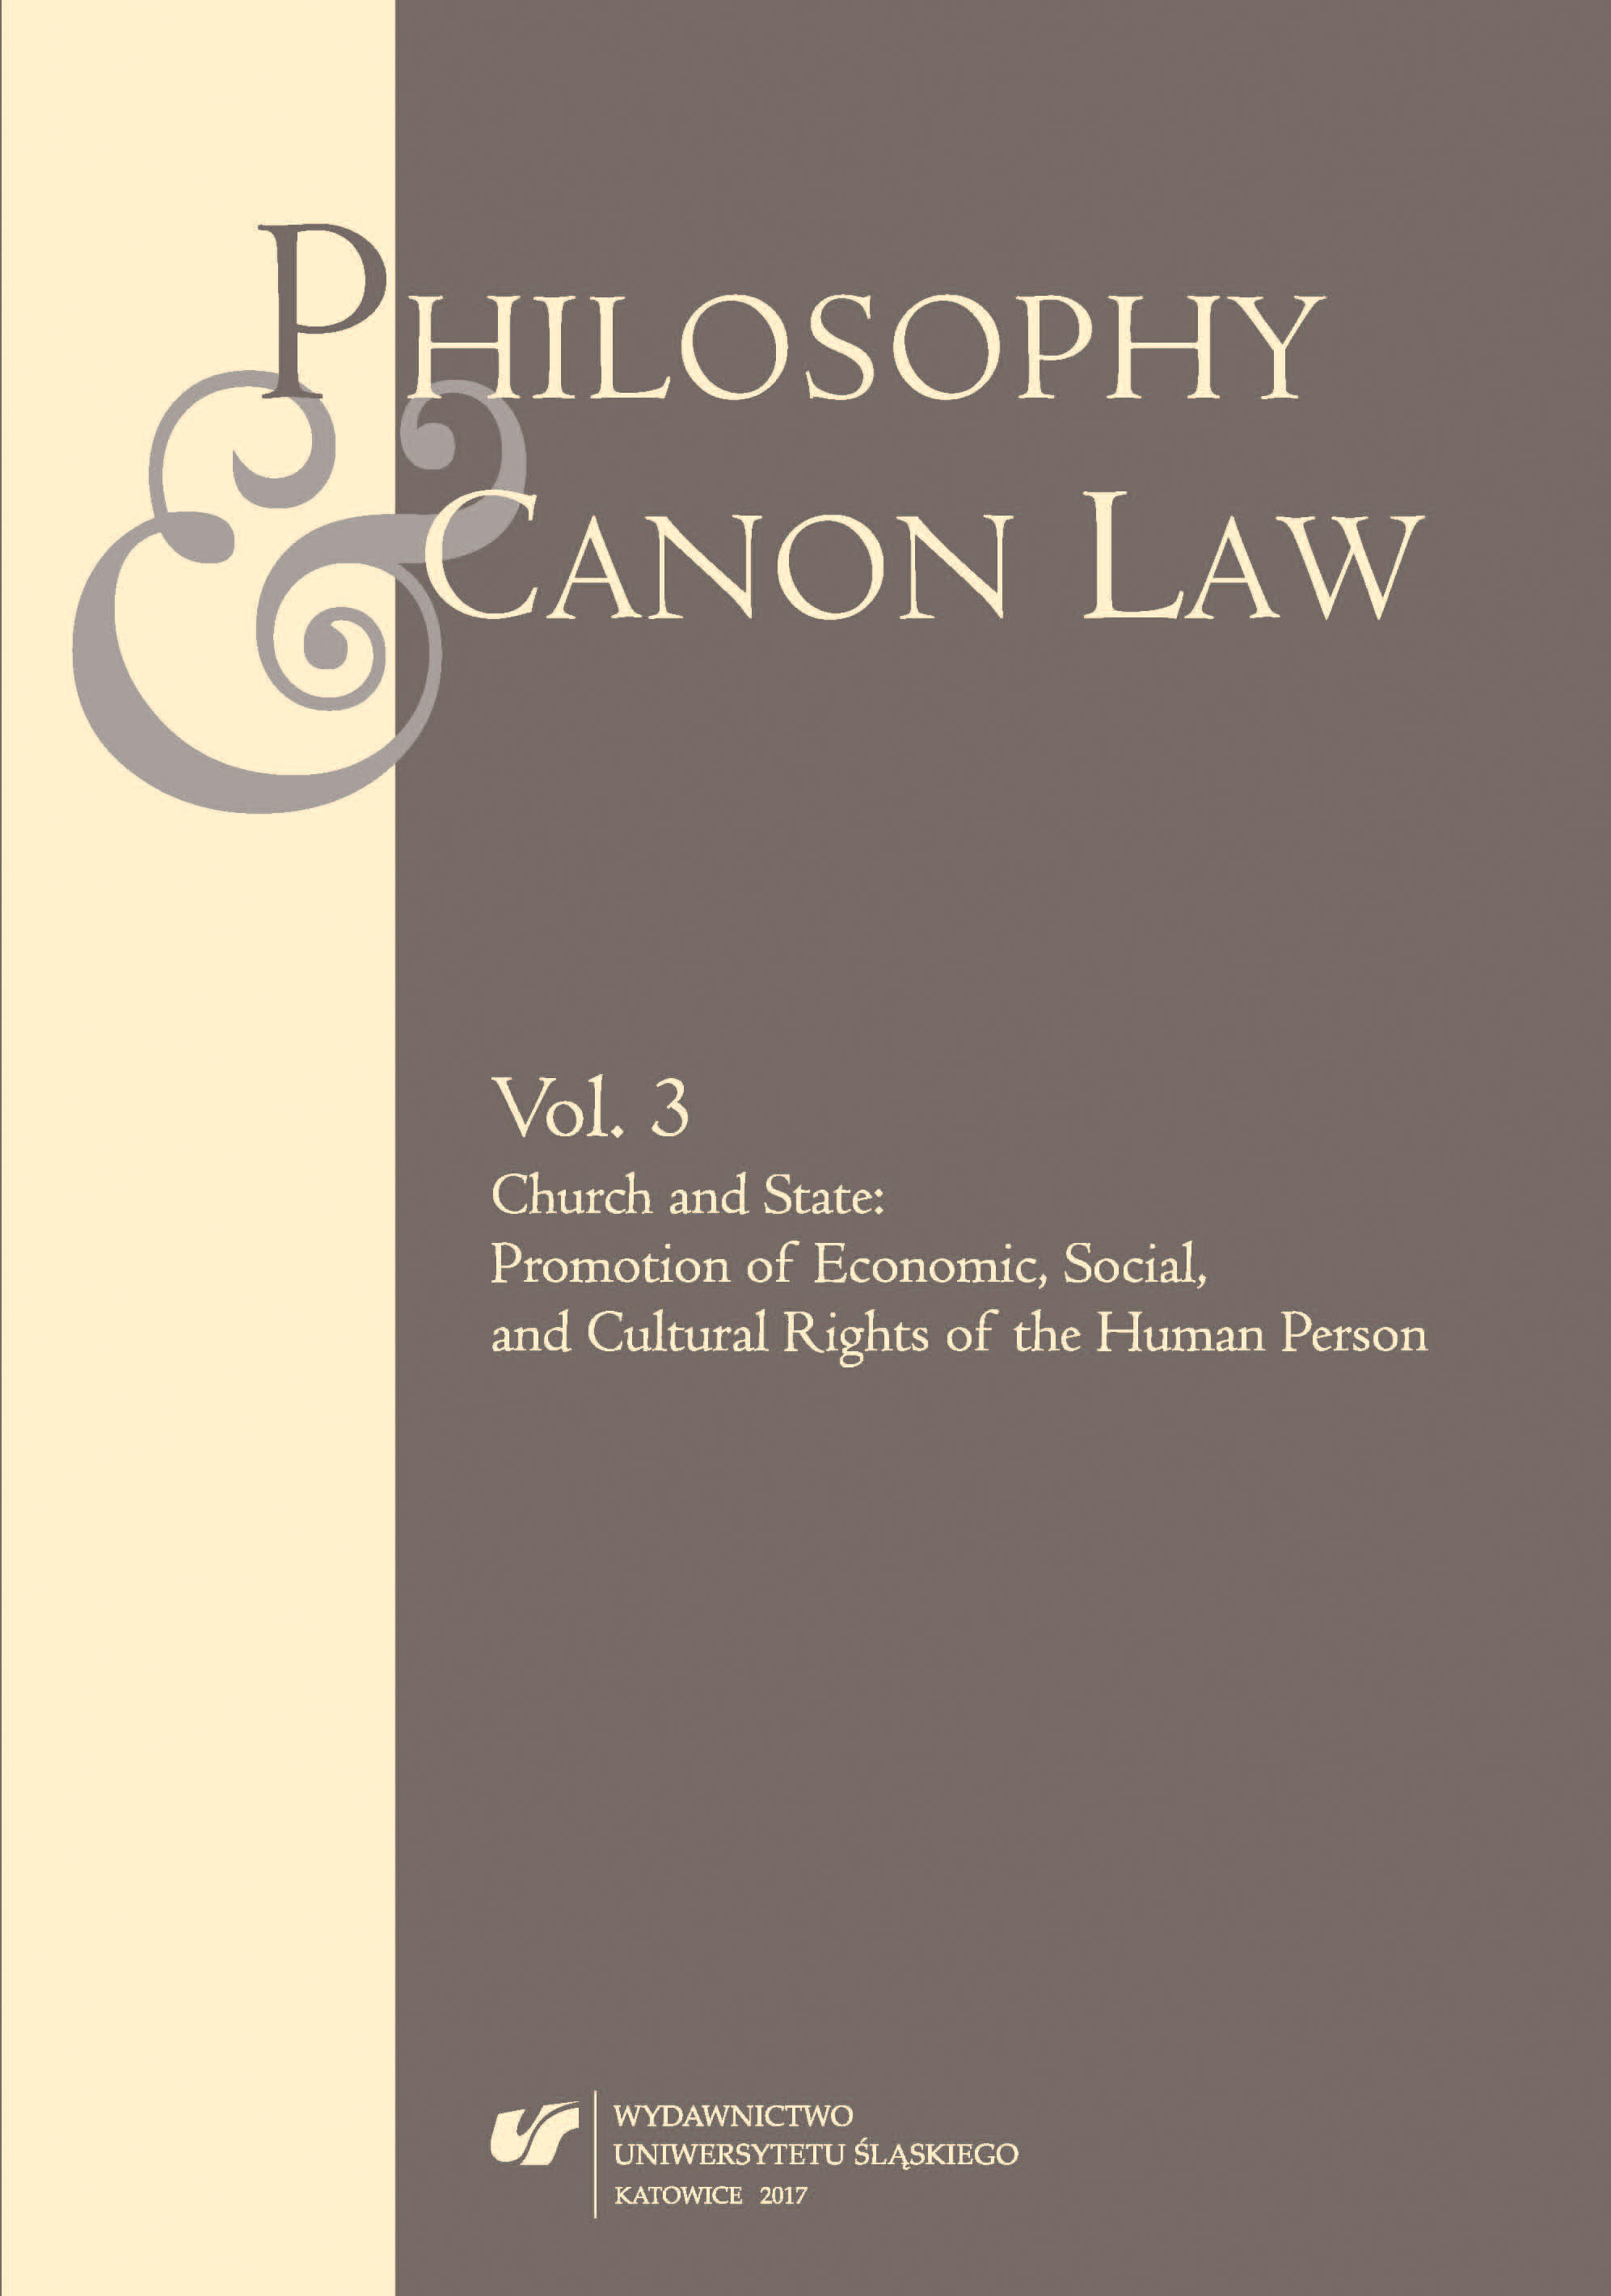 Canon, Vol. 3